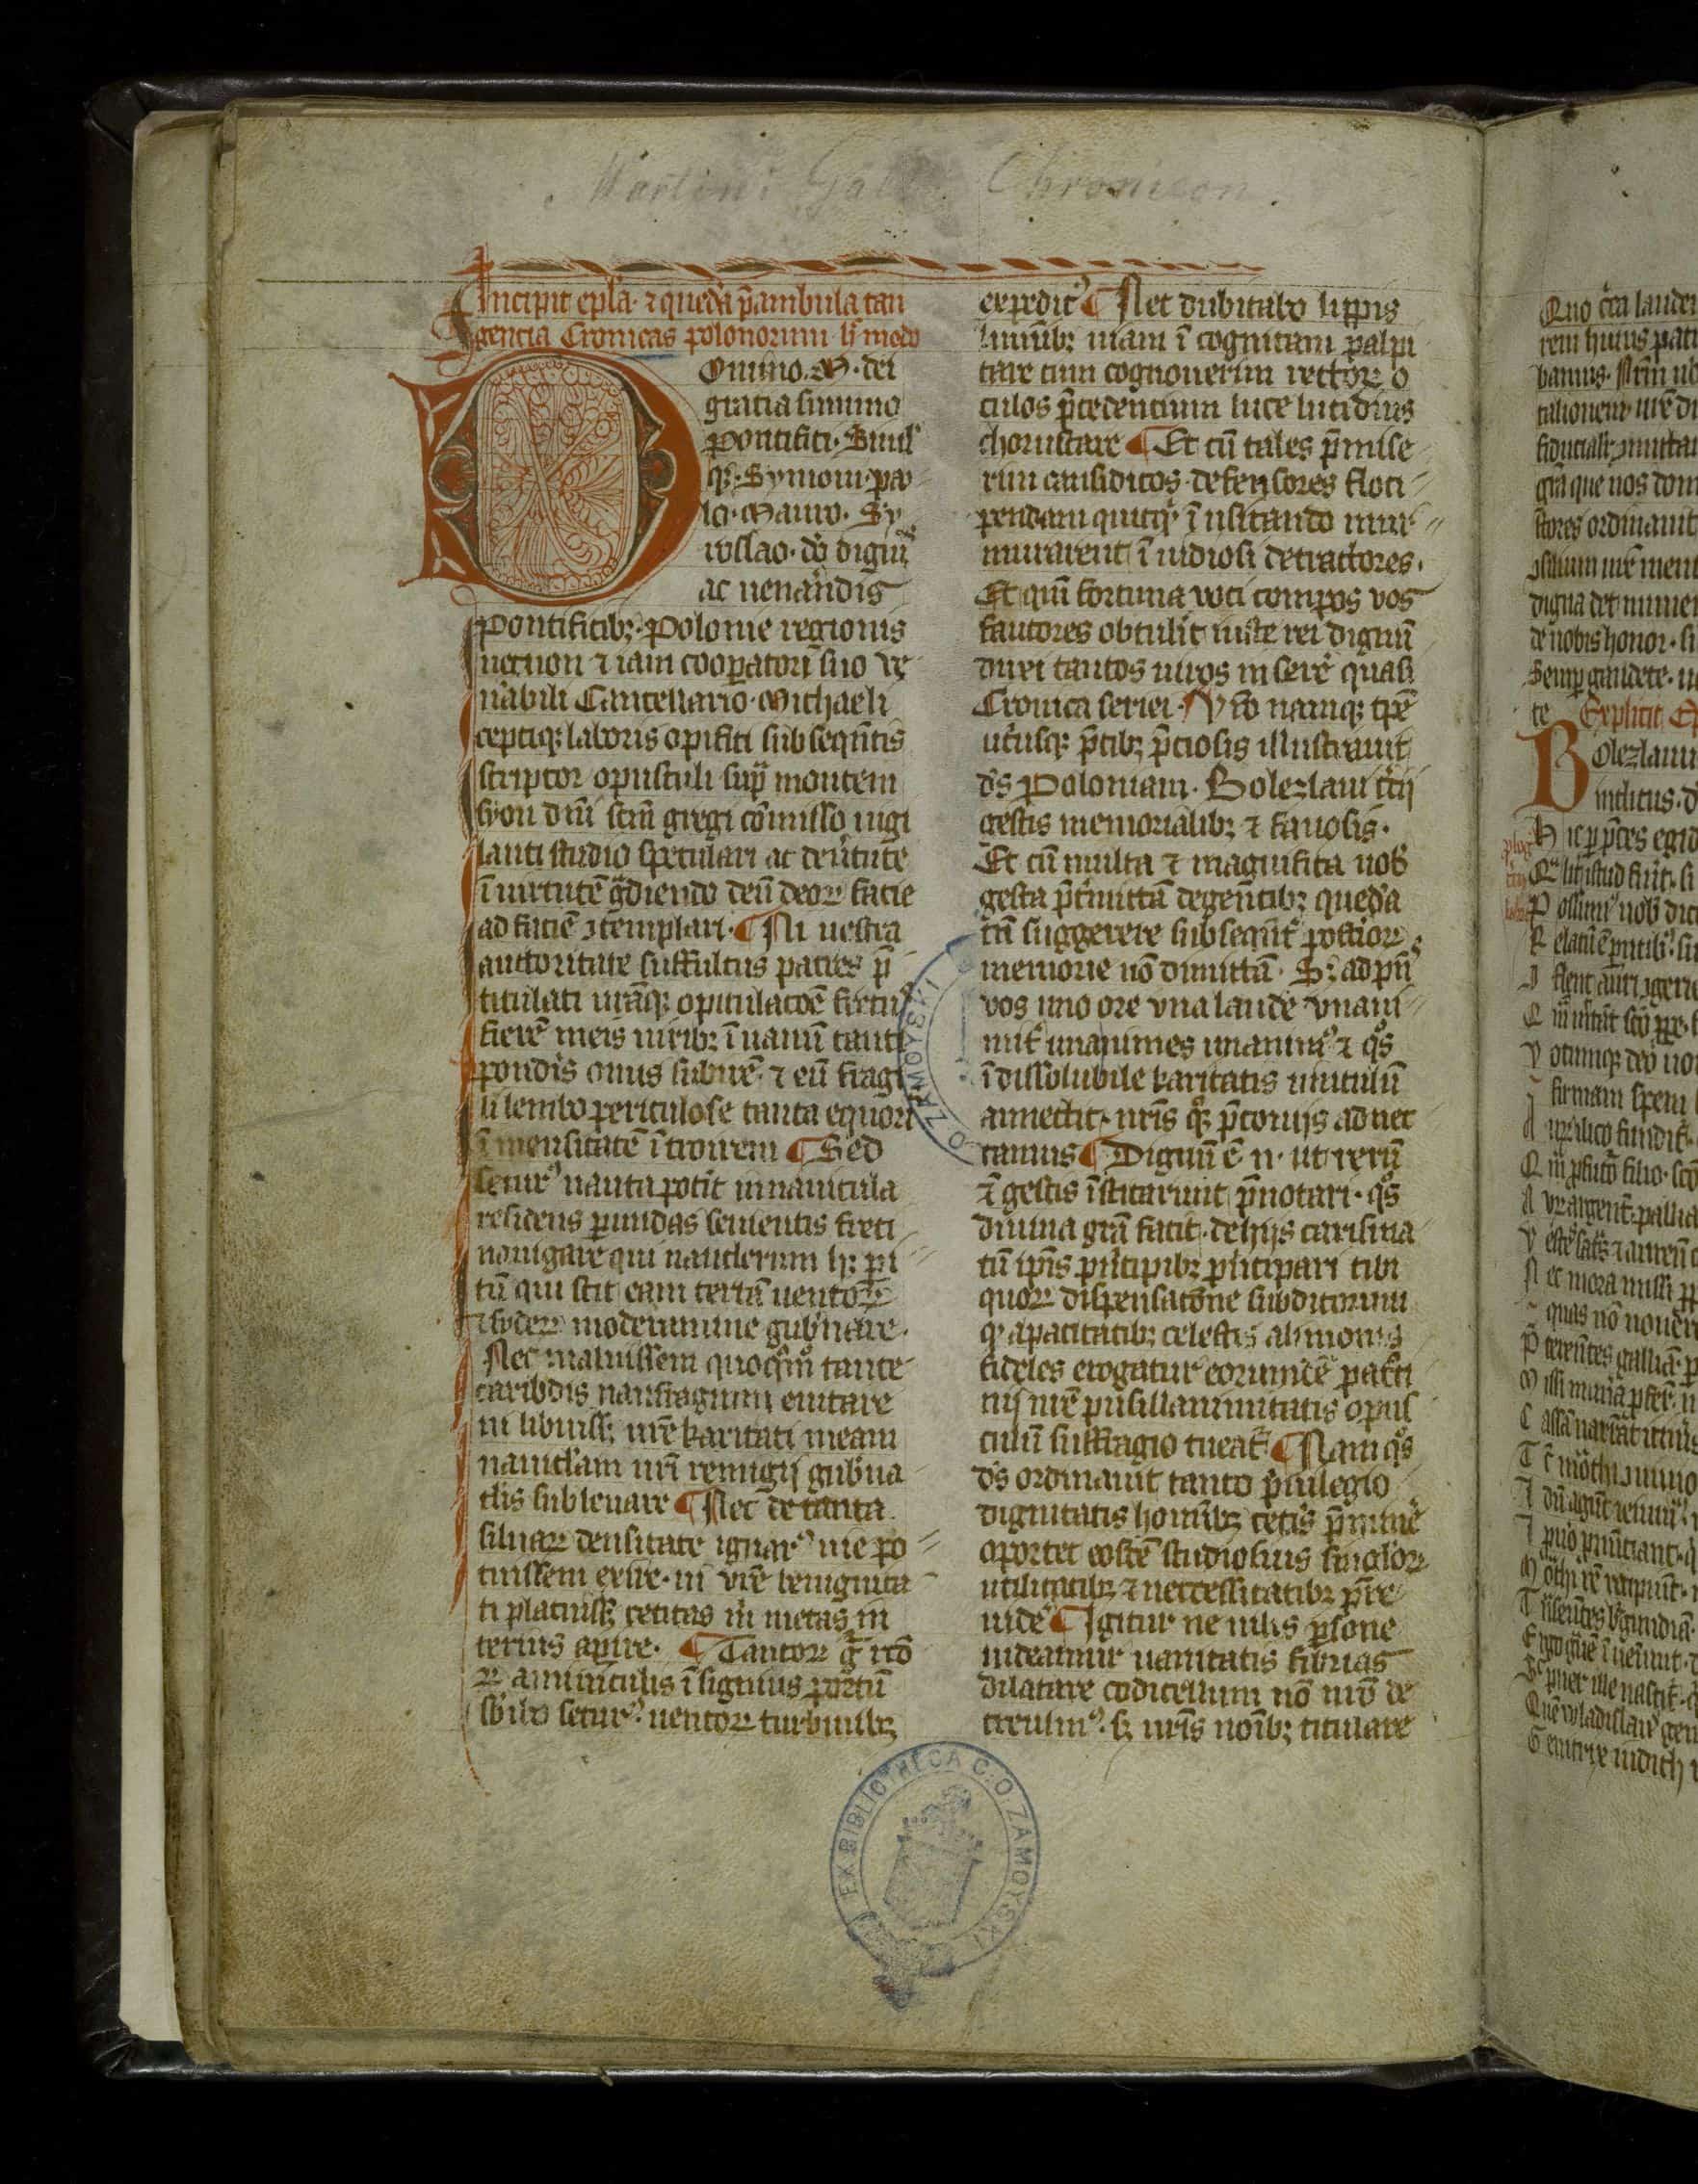 Strona tytułowa najstarszego zachowanego, pochodzącego z XV w. odpisu Kroniki Polskiej Galla Anonima, zawartego w tzw. Kodeksie Zamojskich. Dzieło znajduje się w zbiorach Biblioteki Narodowej. Źródło: Polona